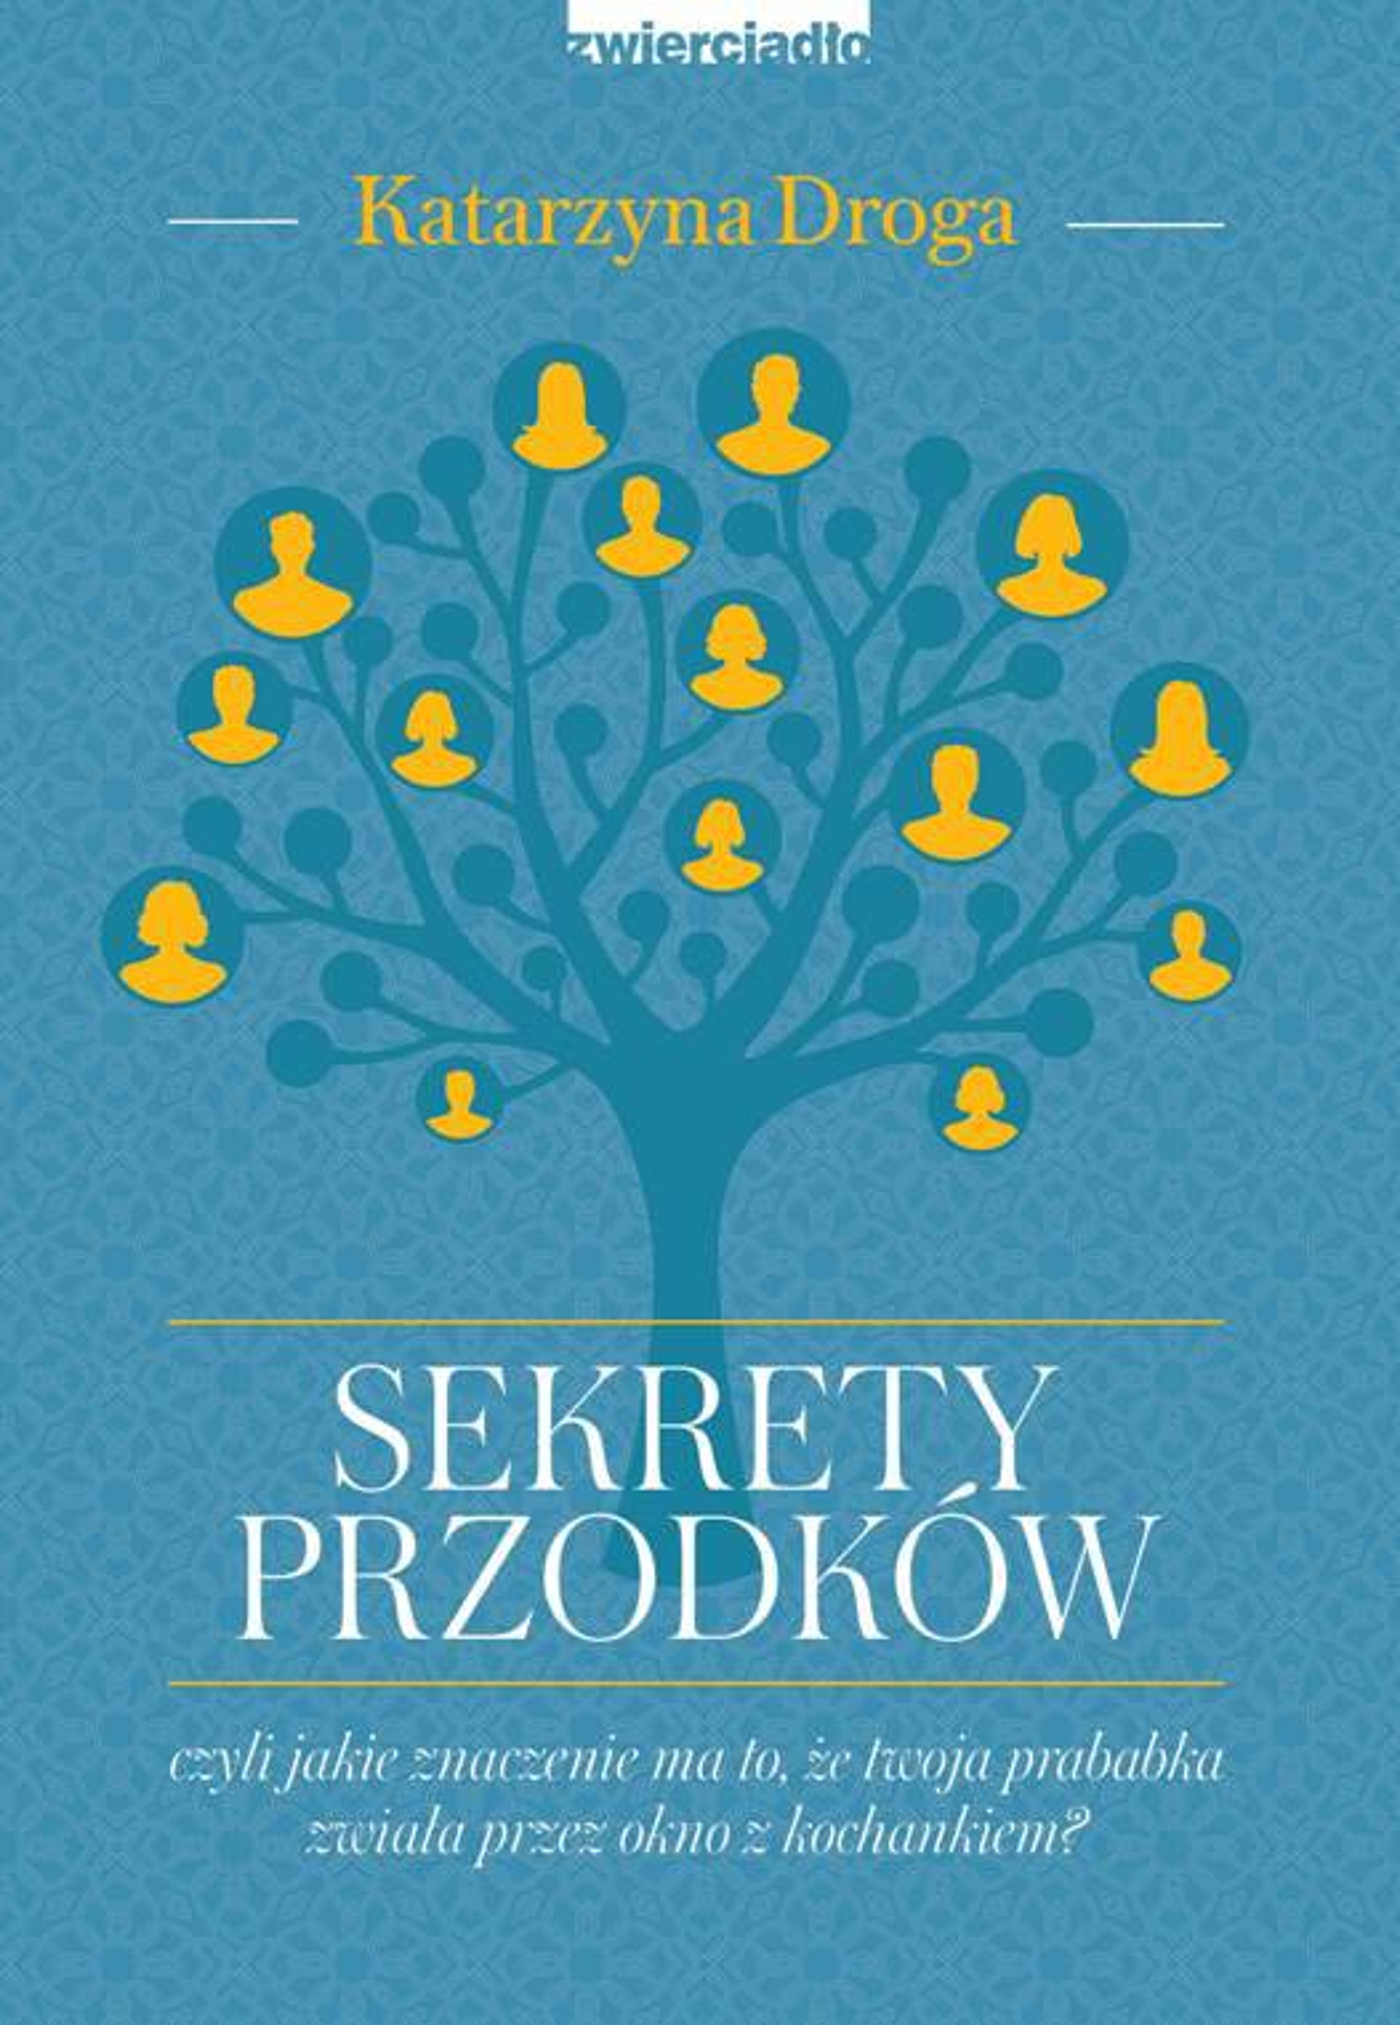 Sekrety przodków, czyli jakie znaczenie ma to, że twoja prababka zwiała przez okno z kochankiem? - Ebook (Książka EPUB) do pobrania w formacie EPUB